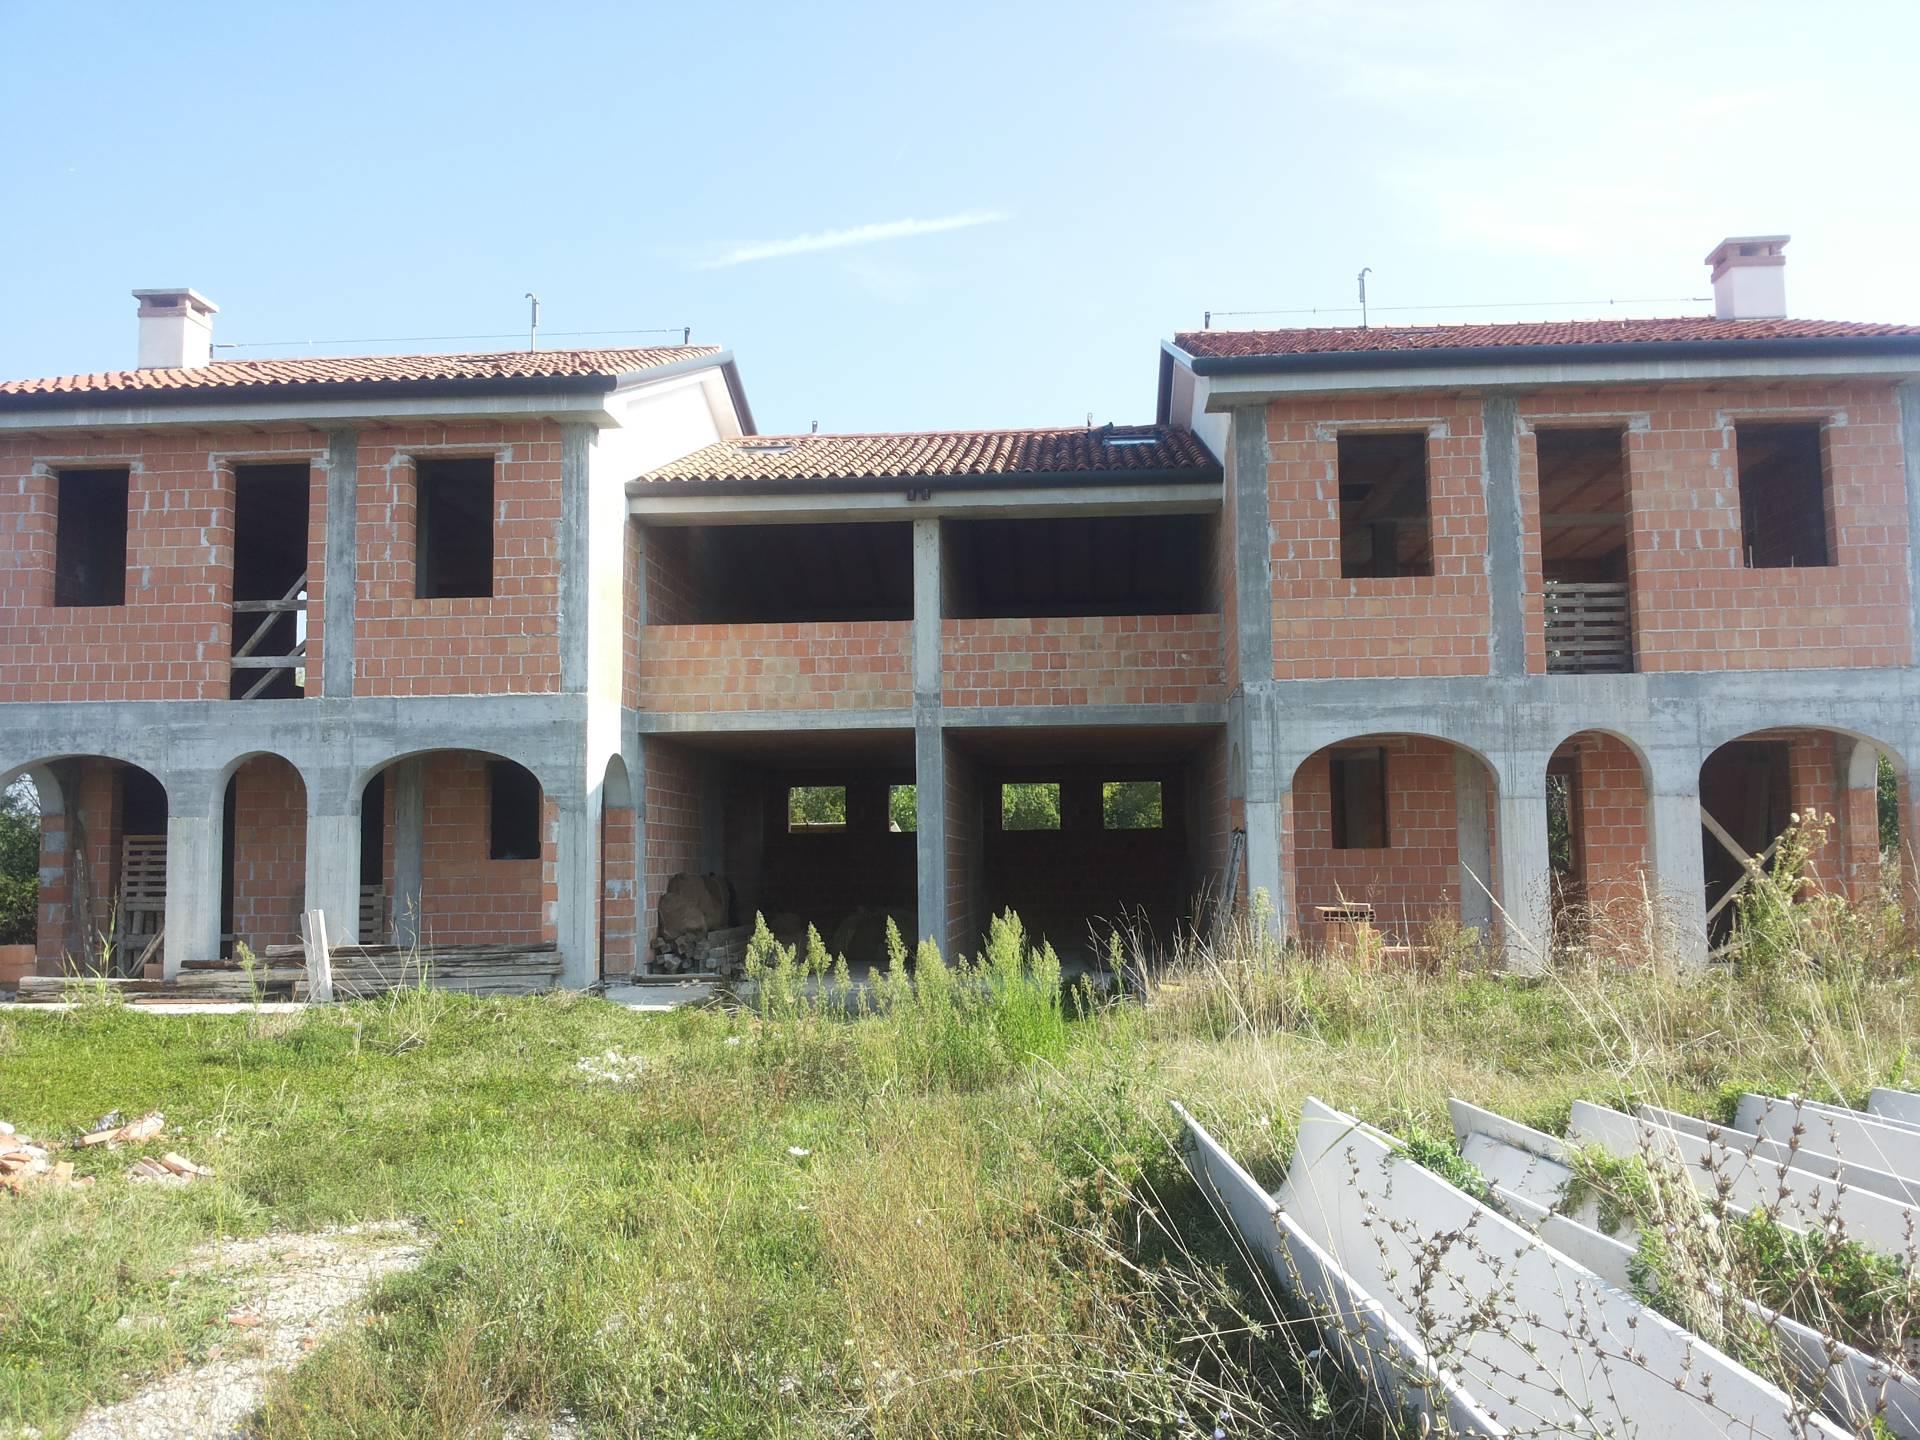 Villa Bifamiliare in vendita a Casier, 7 locali, prezzo € 170.000 | CambioCasa.it